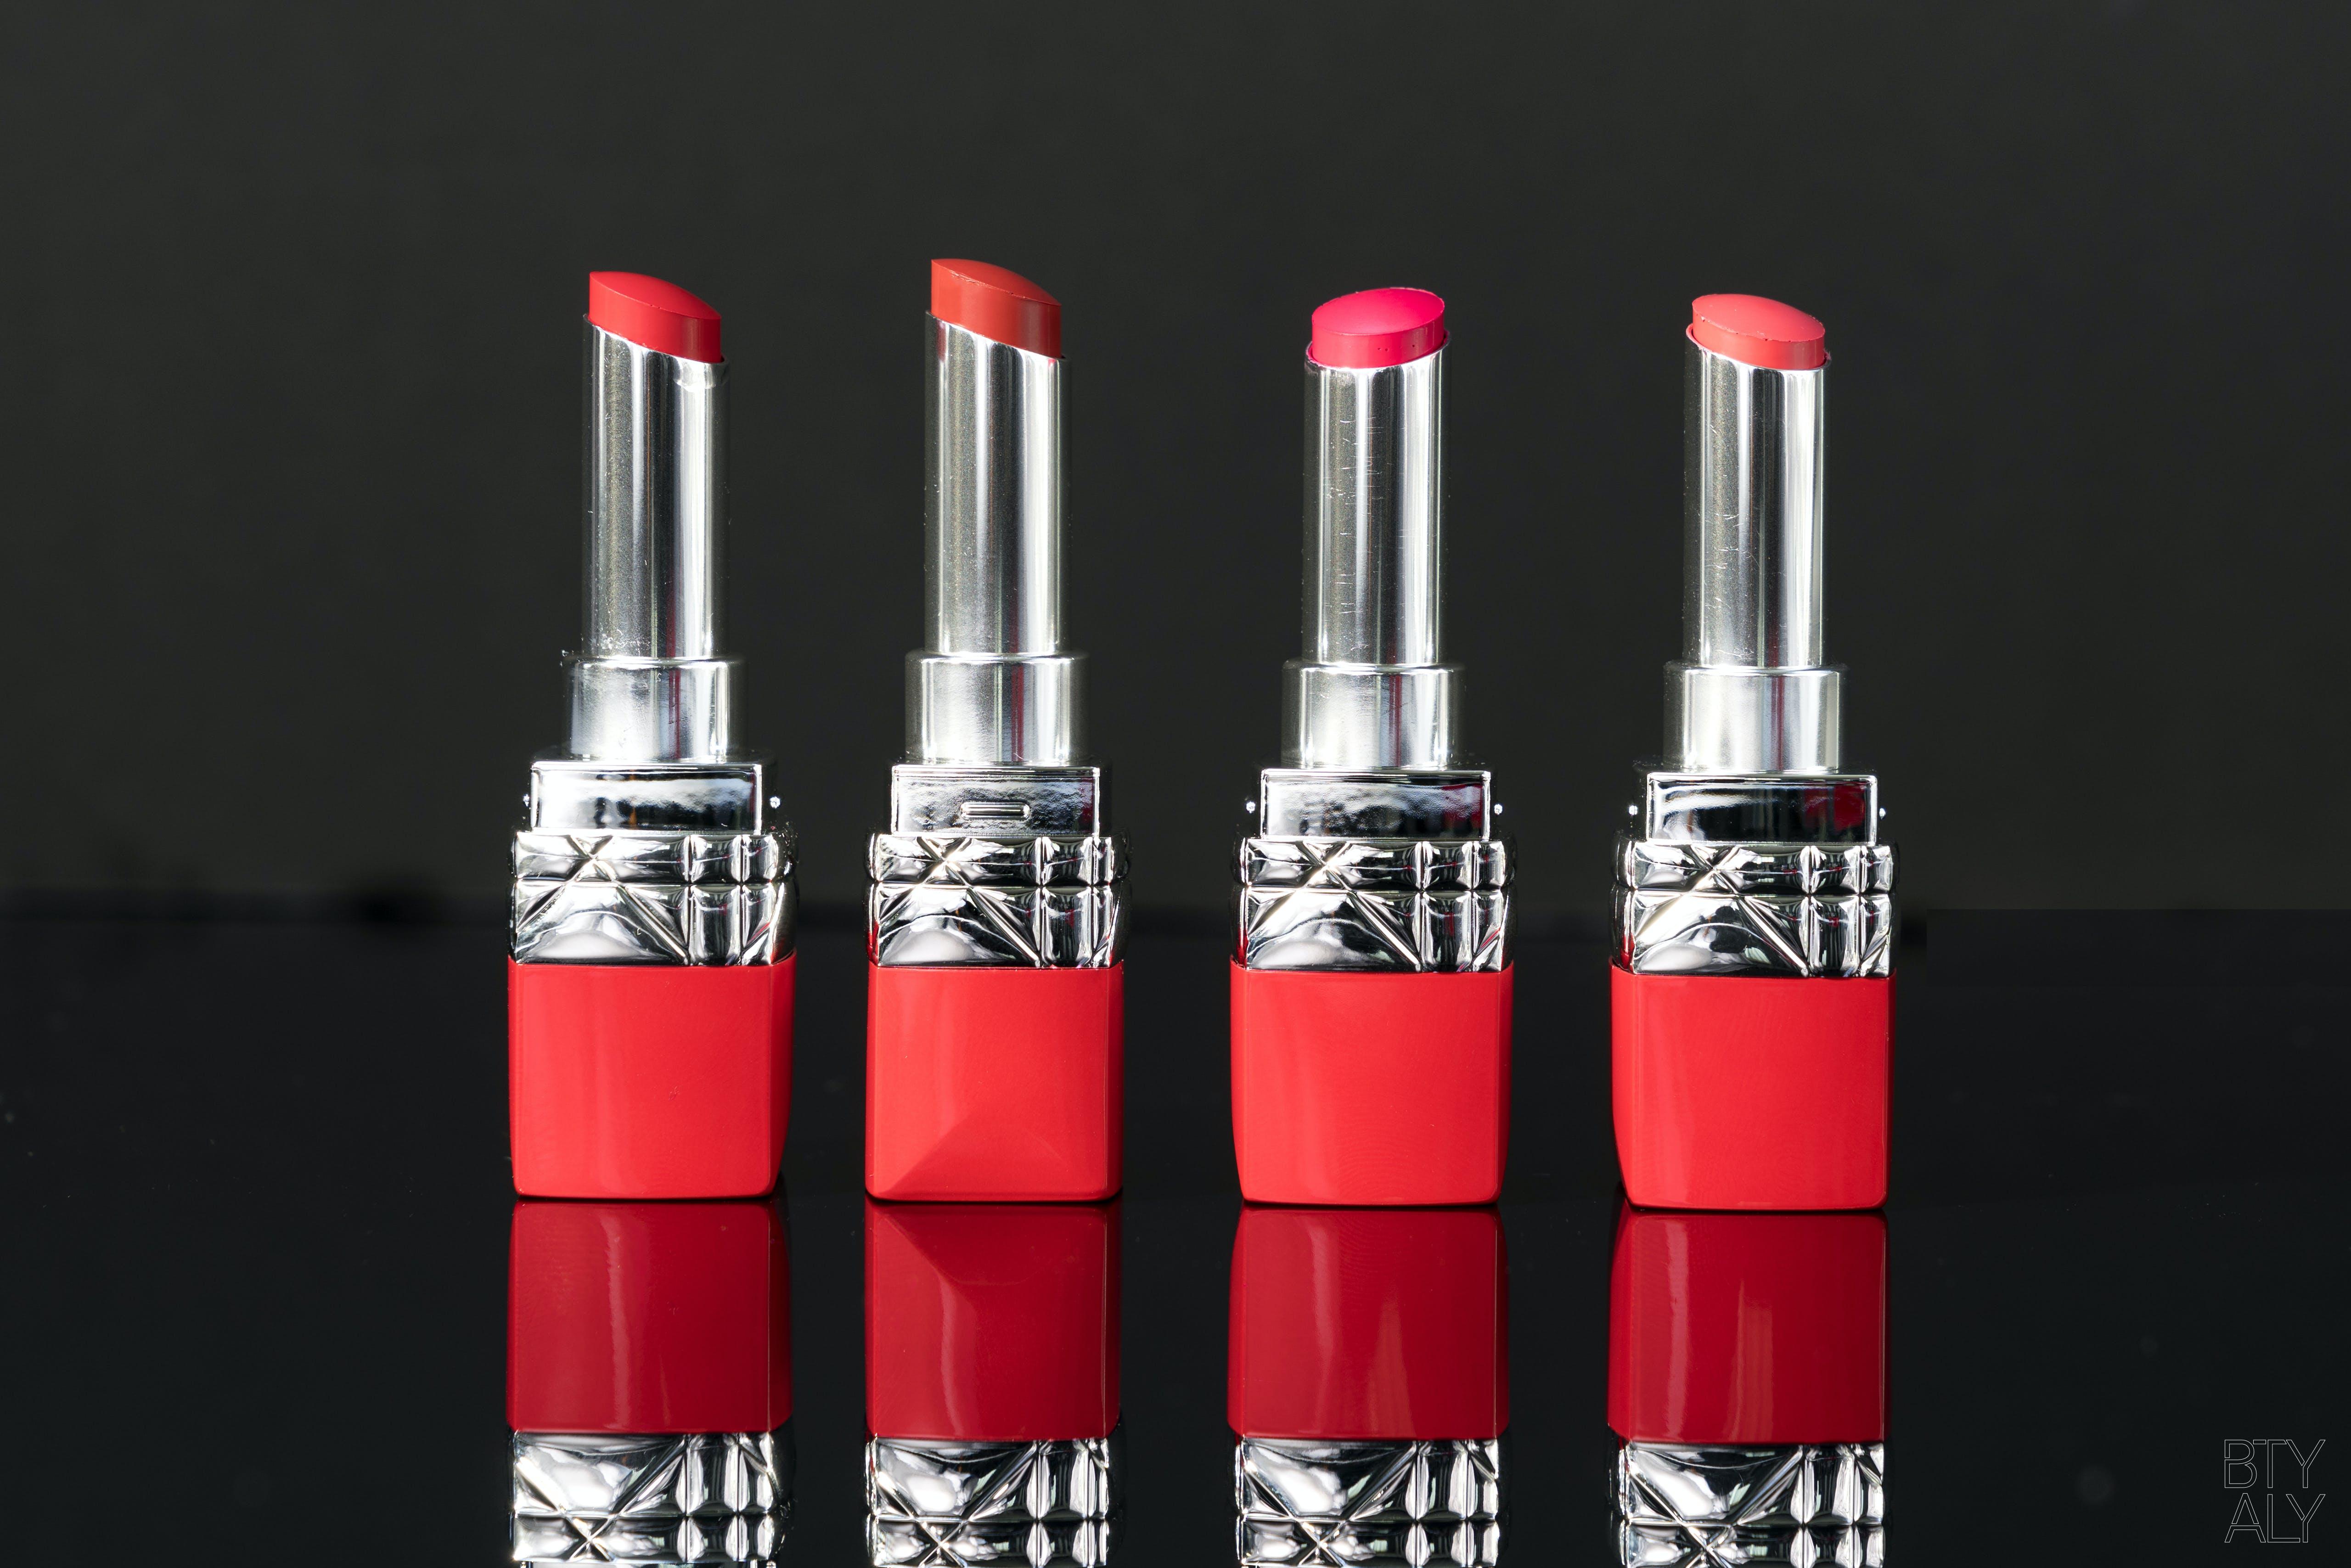 Rouges à lèvres Rouge Dior Ultra Rouge 555, 641, 763, 999